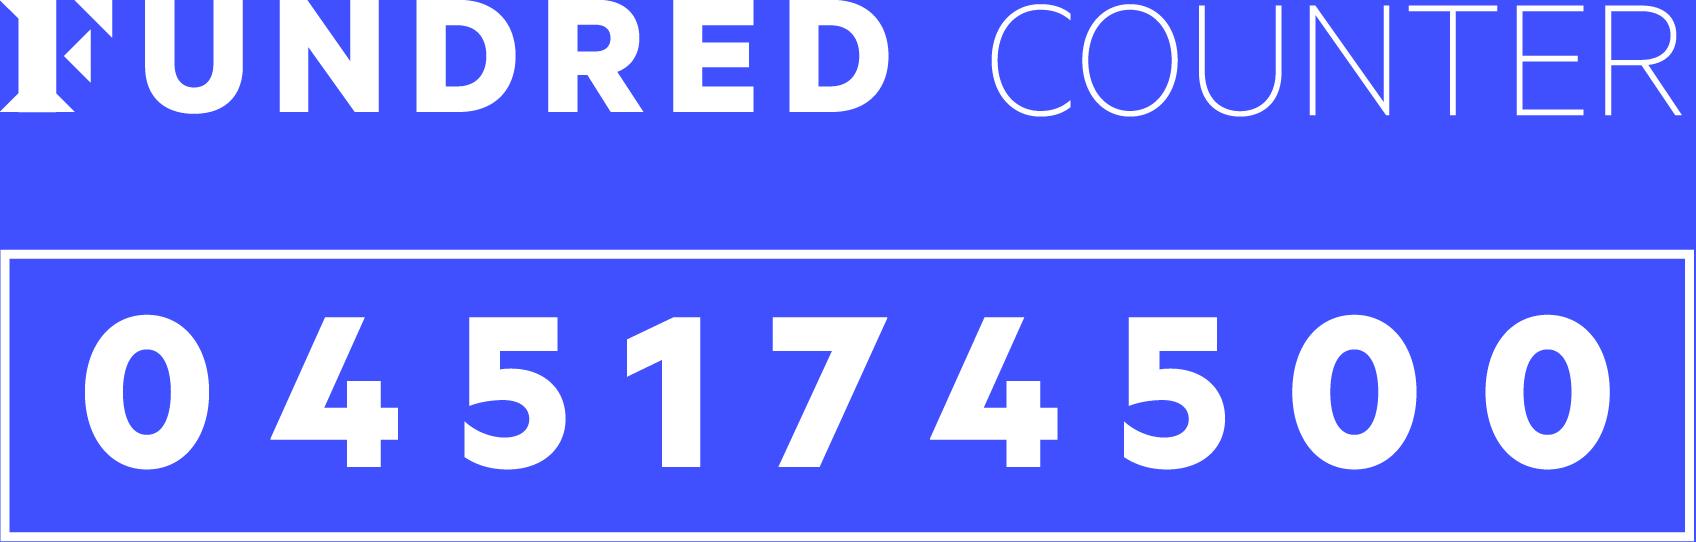 FD01_Counter_rev2_29-29